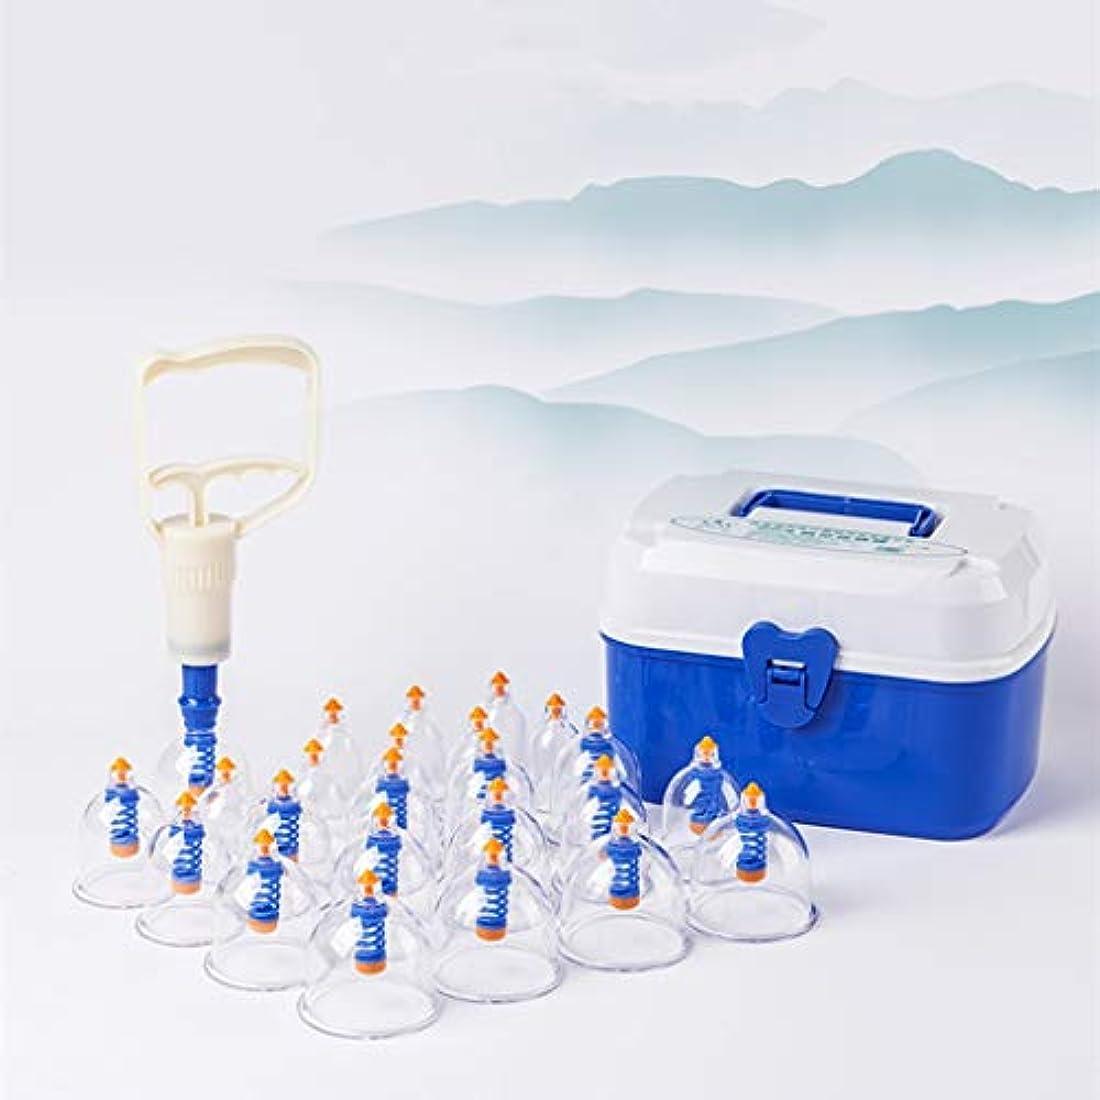 吸い玉 カッピング療法セット 吸い玉健康法カッピングカップ ツボ刺激血流促進こり解消点穴磁気 6種類 24個 延長チューブ?収納ケース付